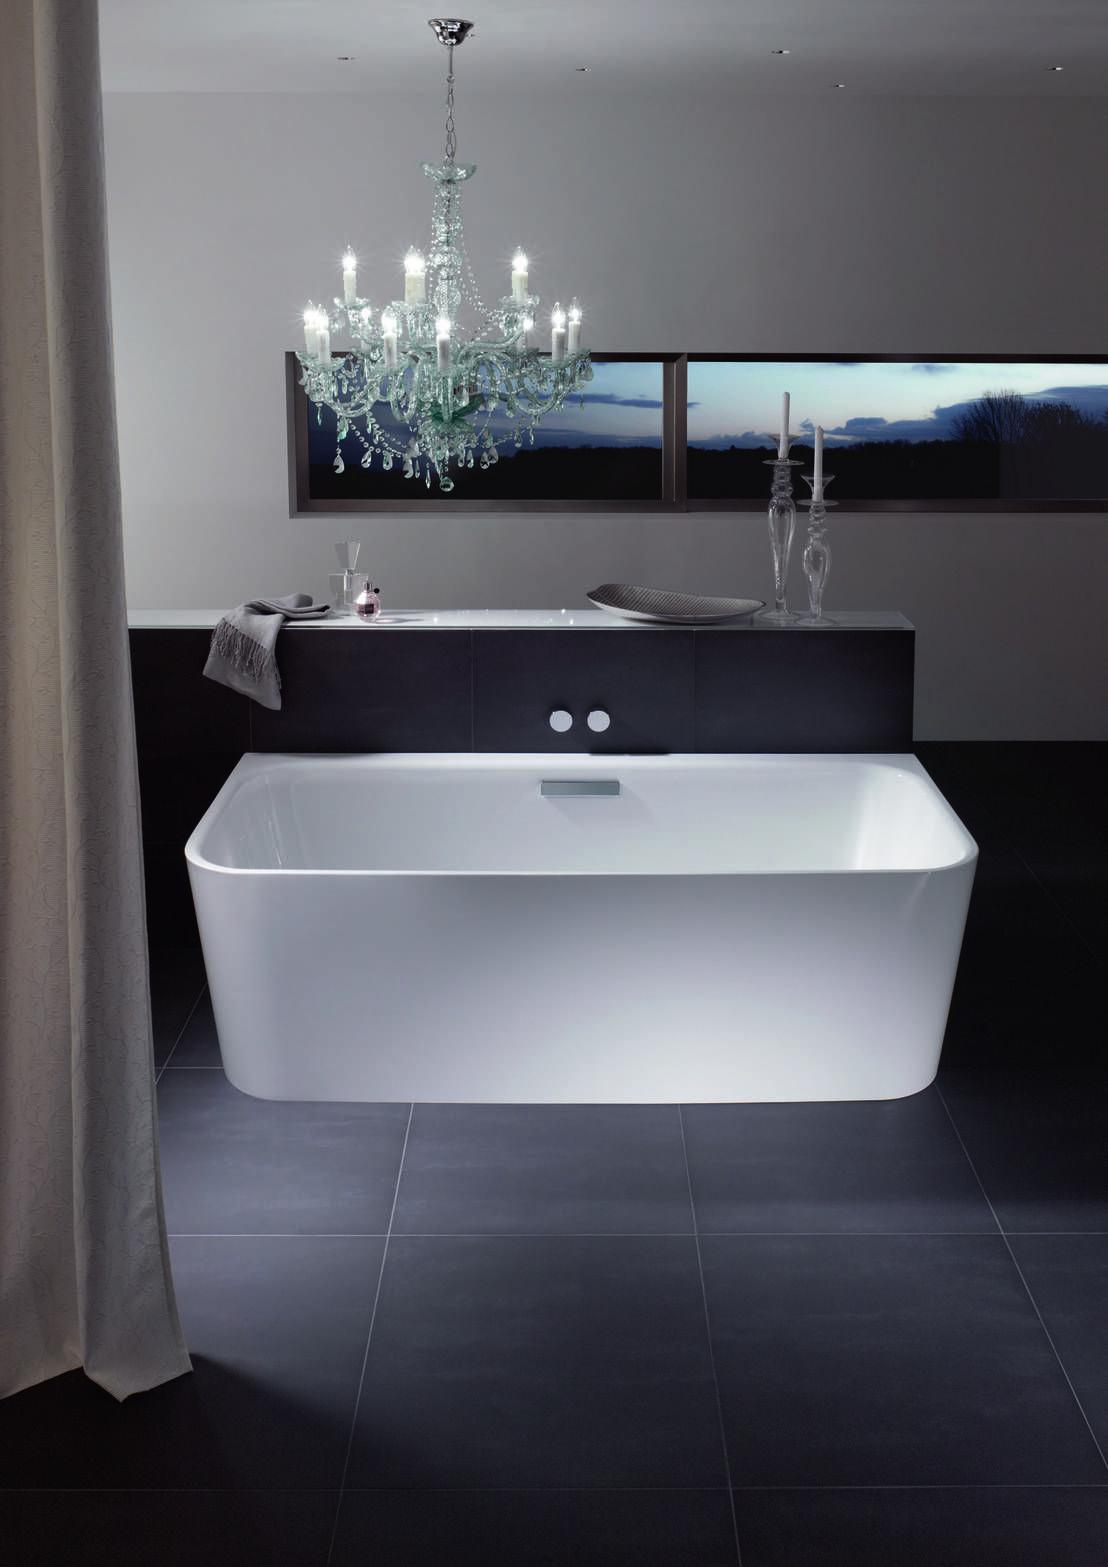 Betteart Designpreis Fur Badewannen Innovation Dreambathrooms Die Besonders Dunnwandige Stahl Email Bade Badewanne Badezimmer Beispiele Traumhafte Badezimmer